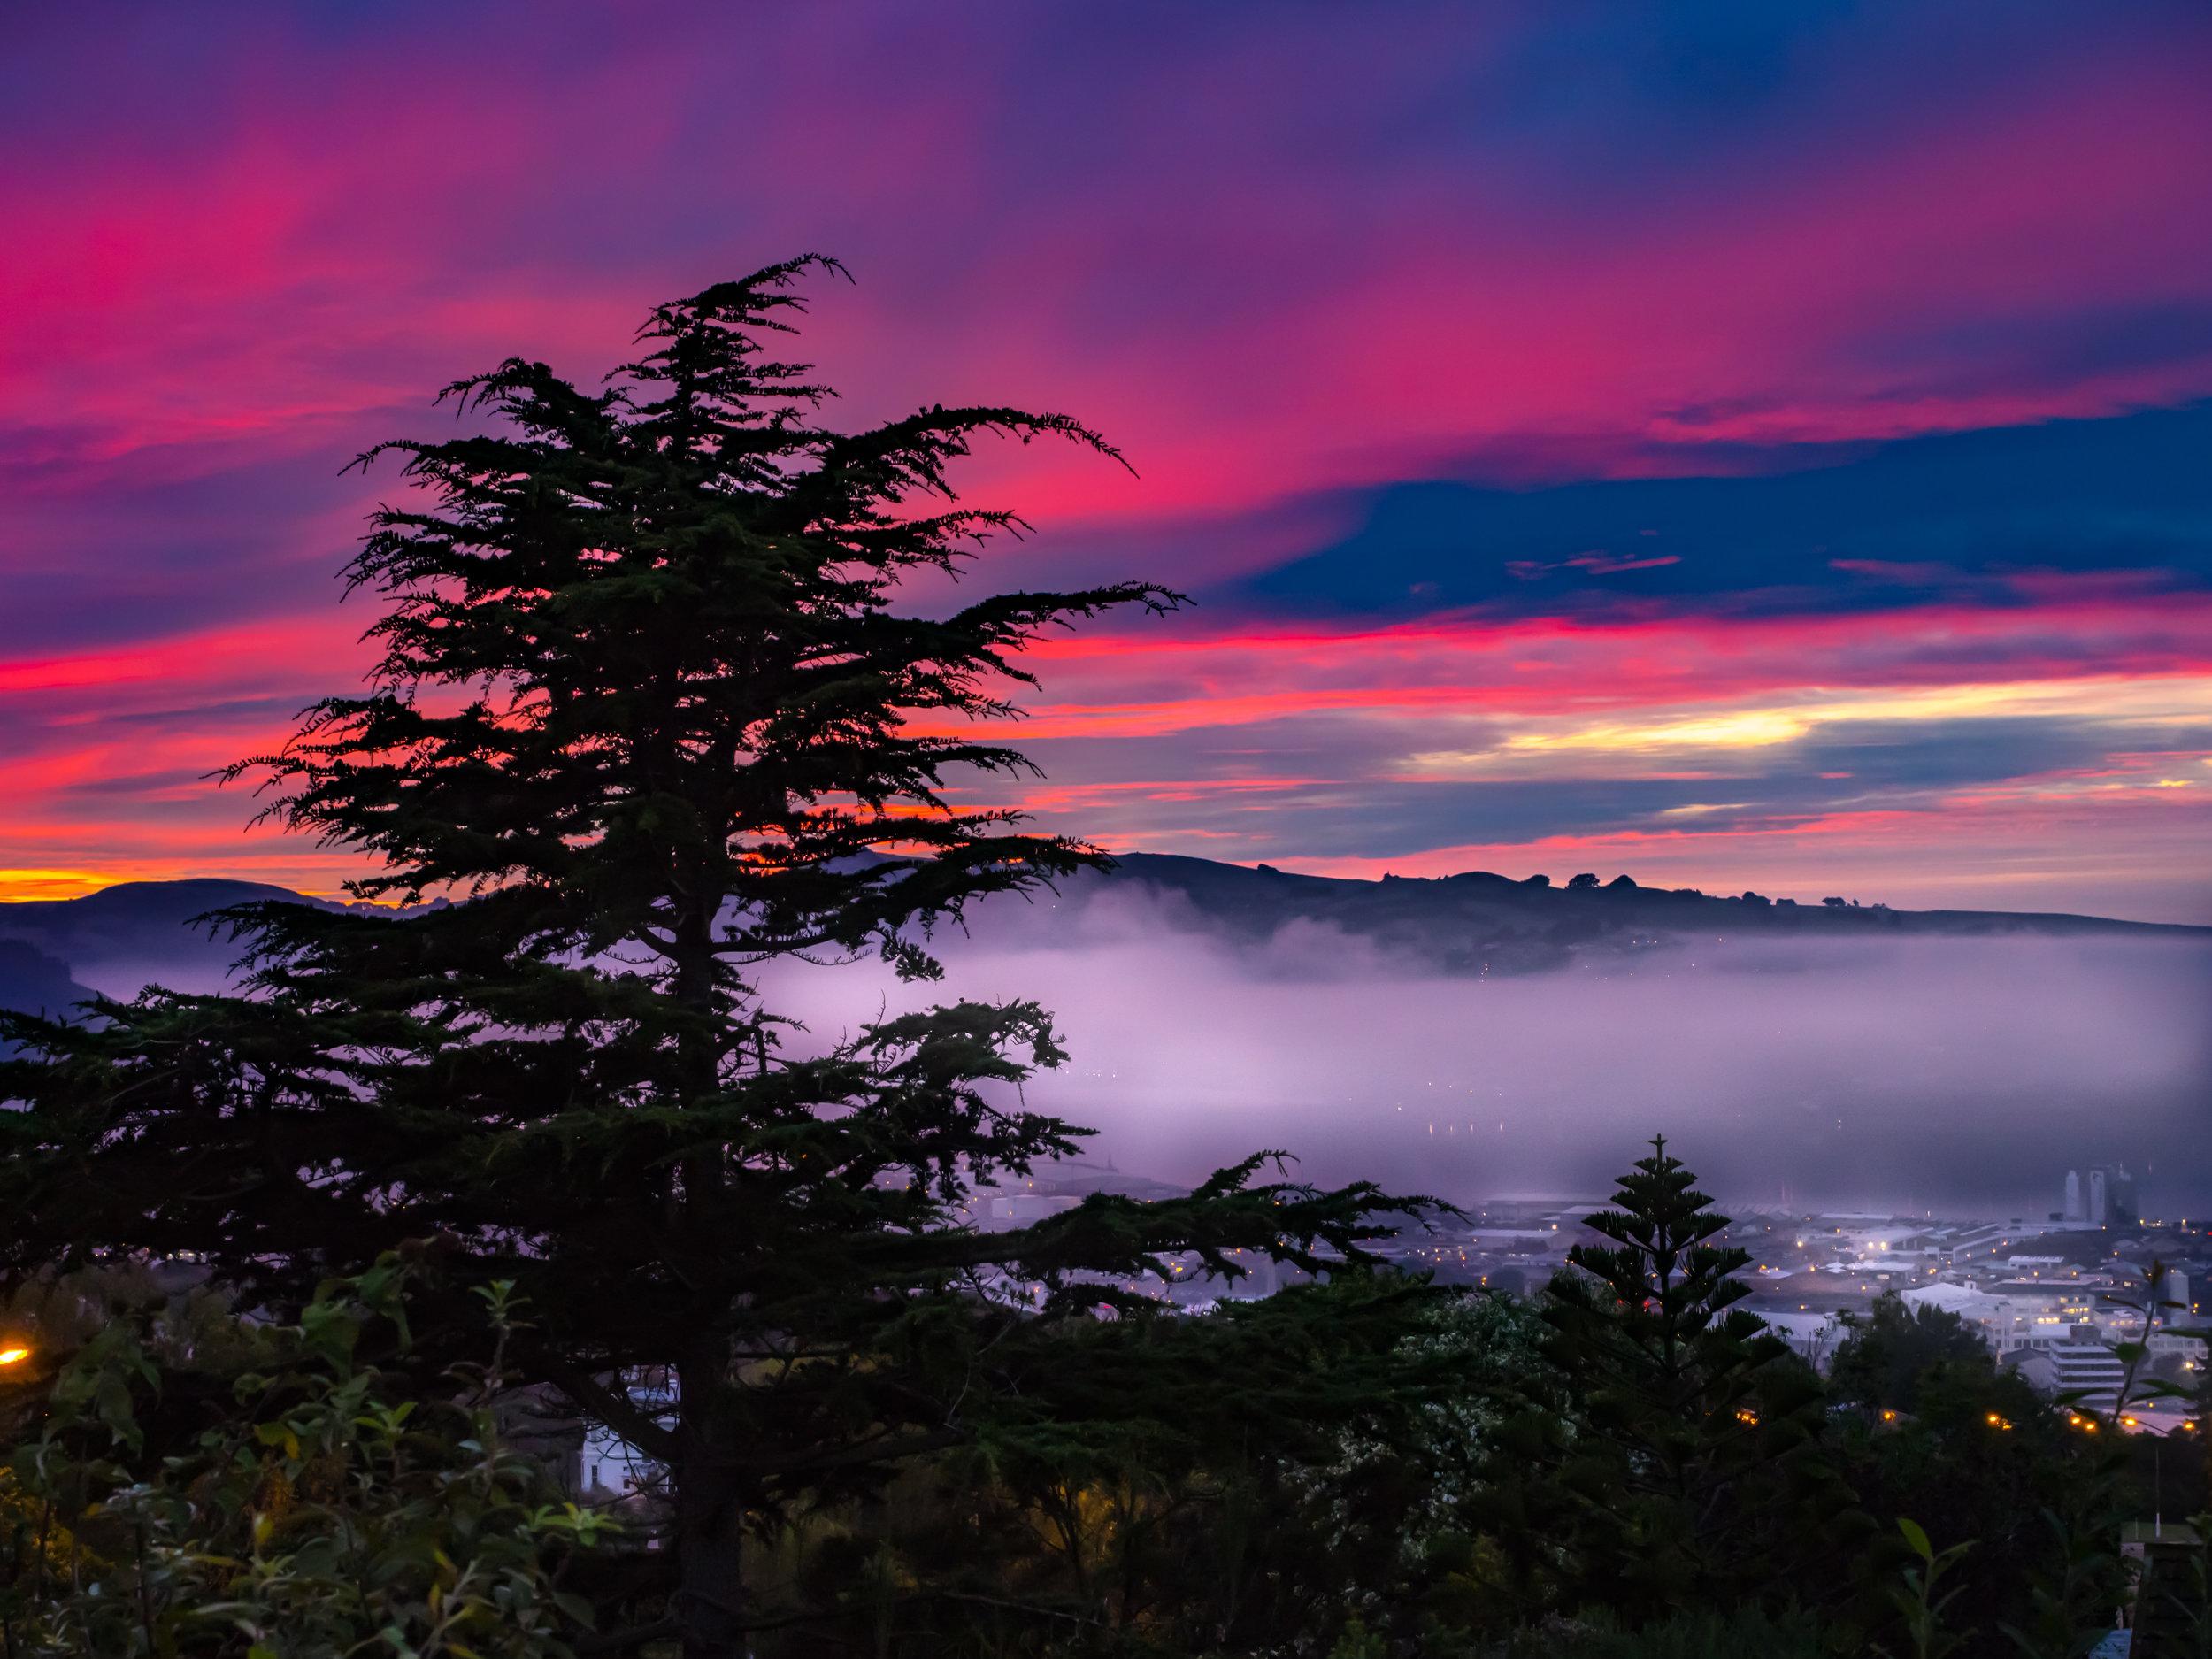 Dunedin tree with sunset